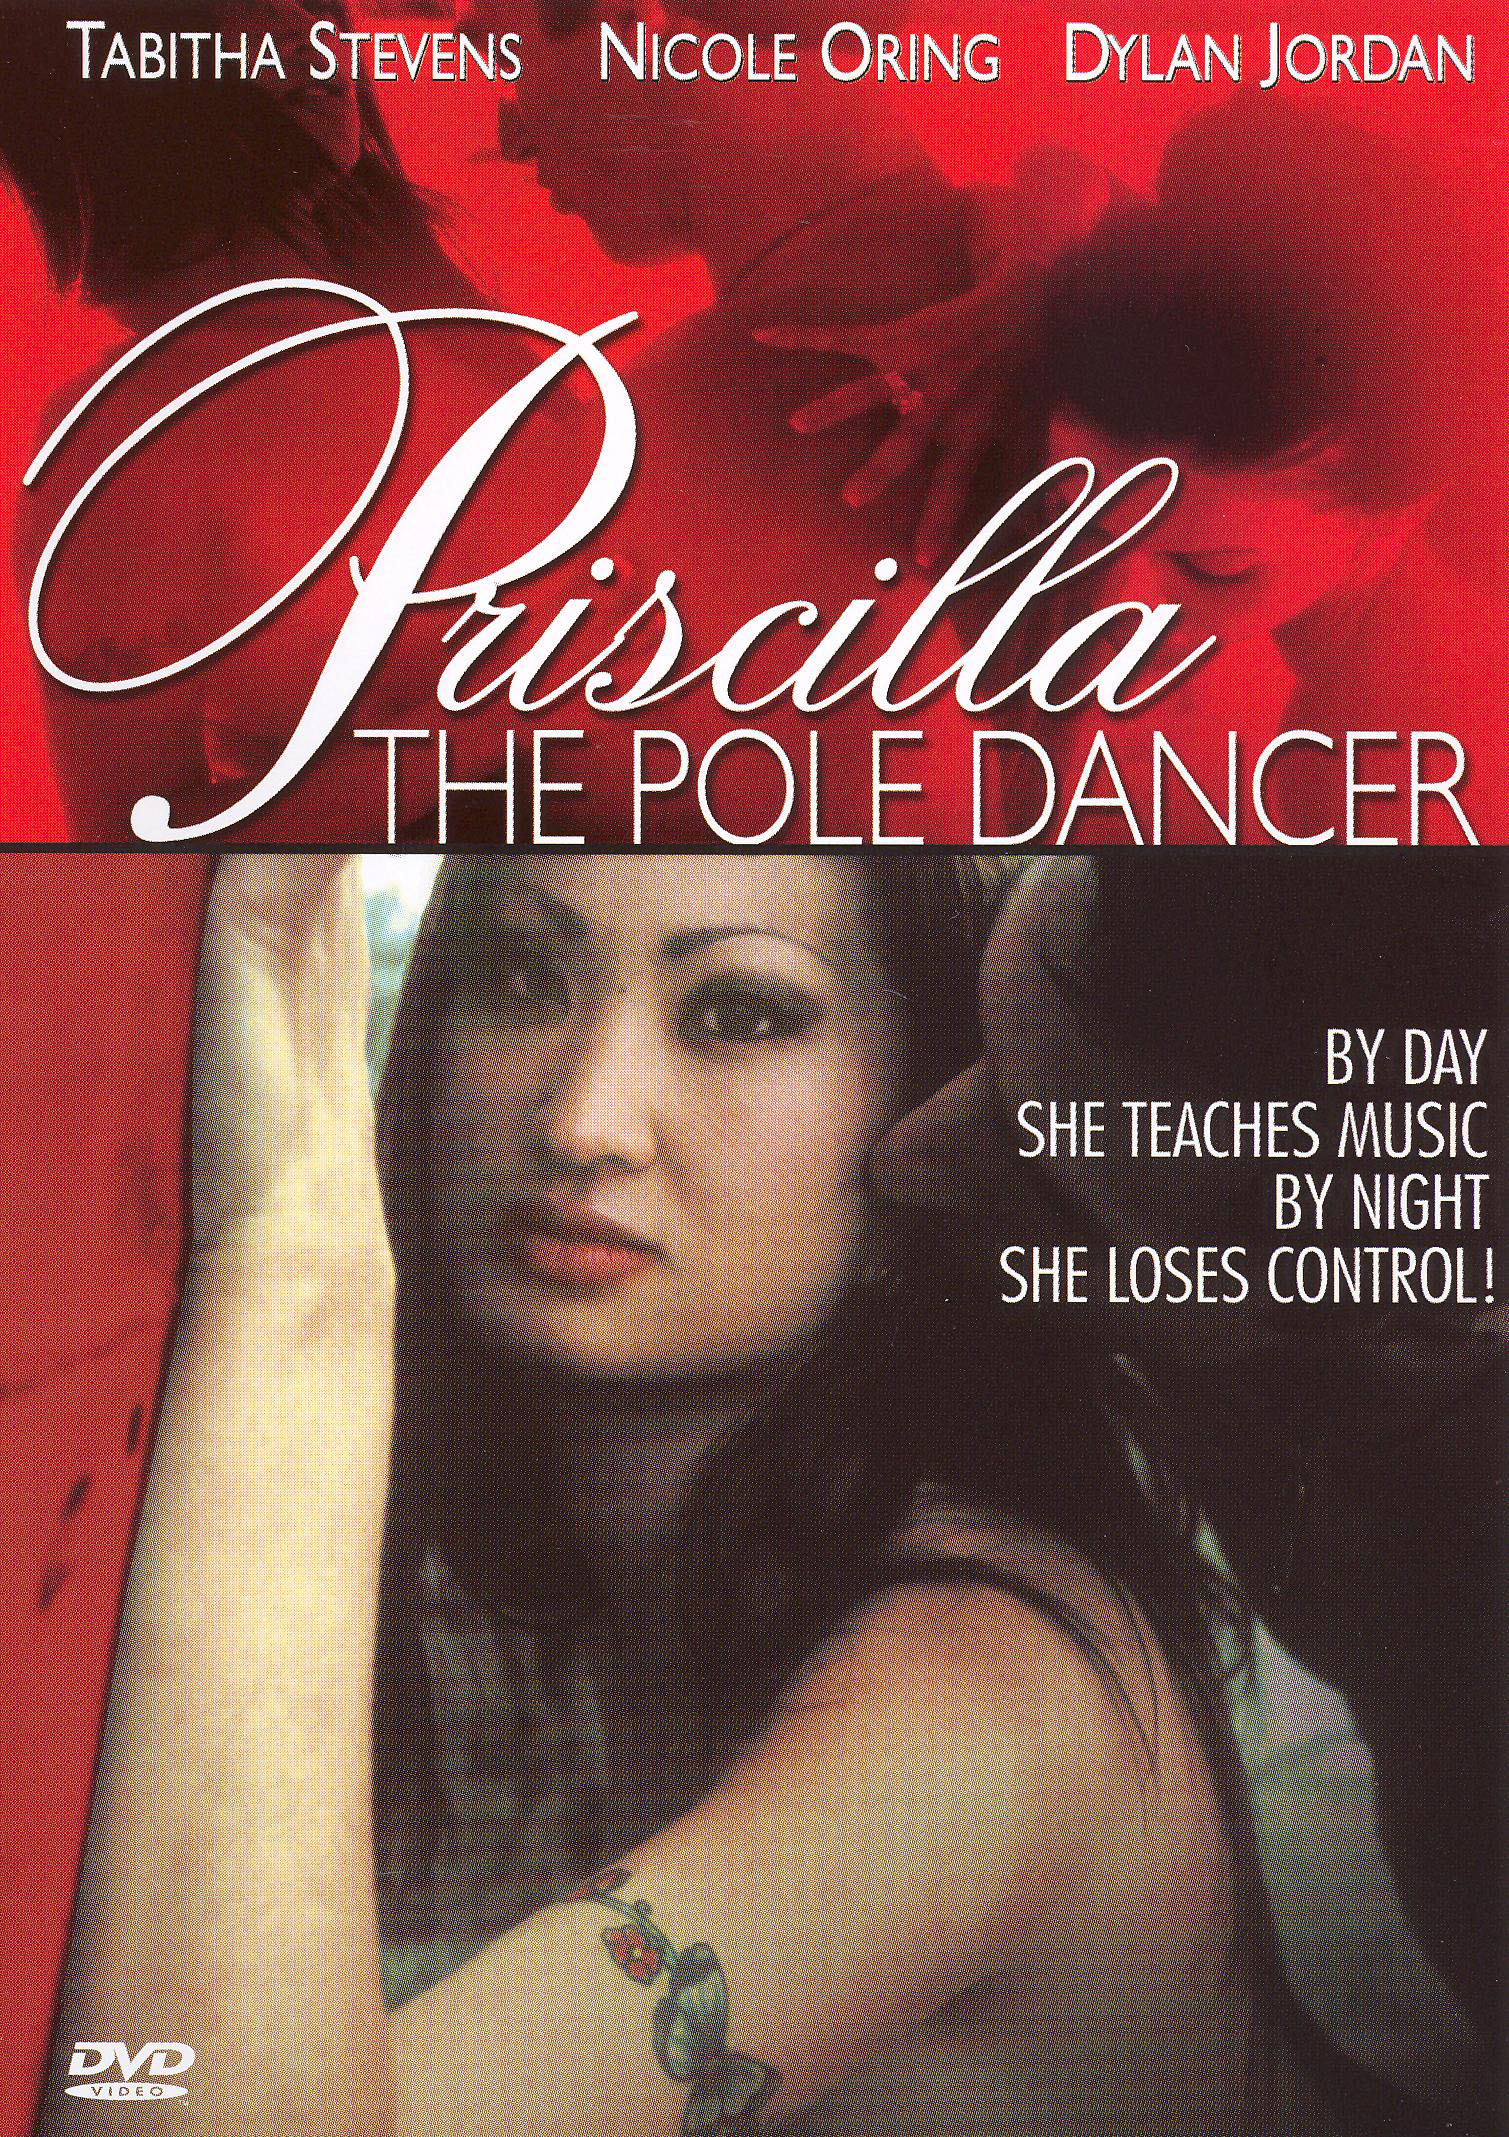 Priscella the Pole Dancer